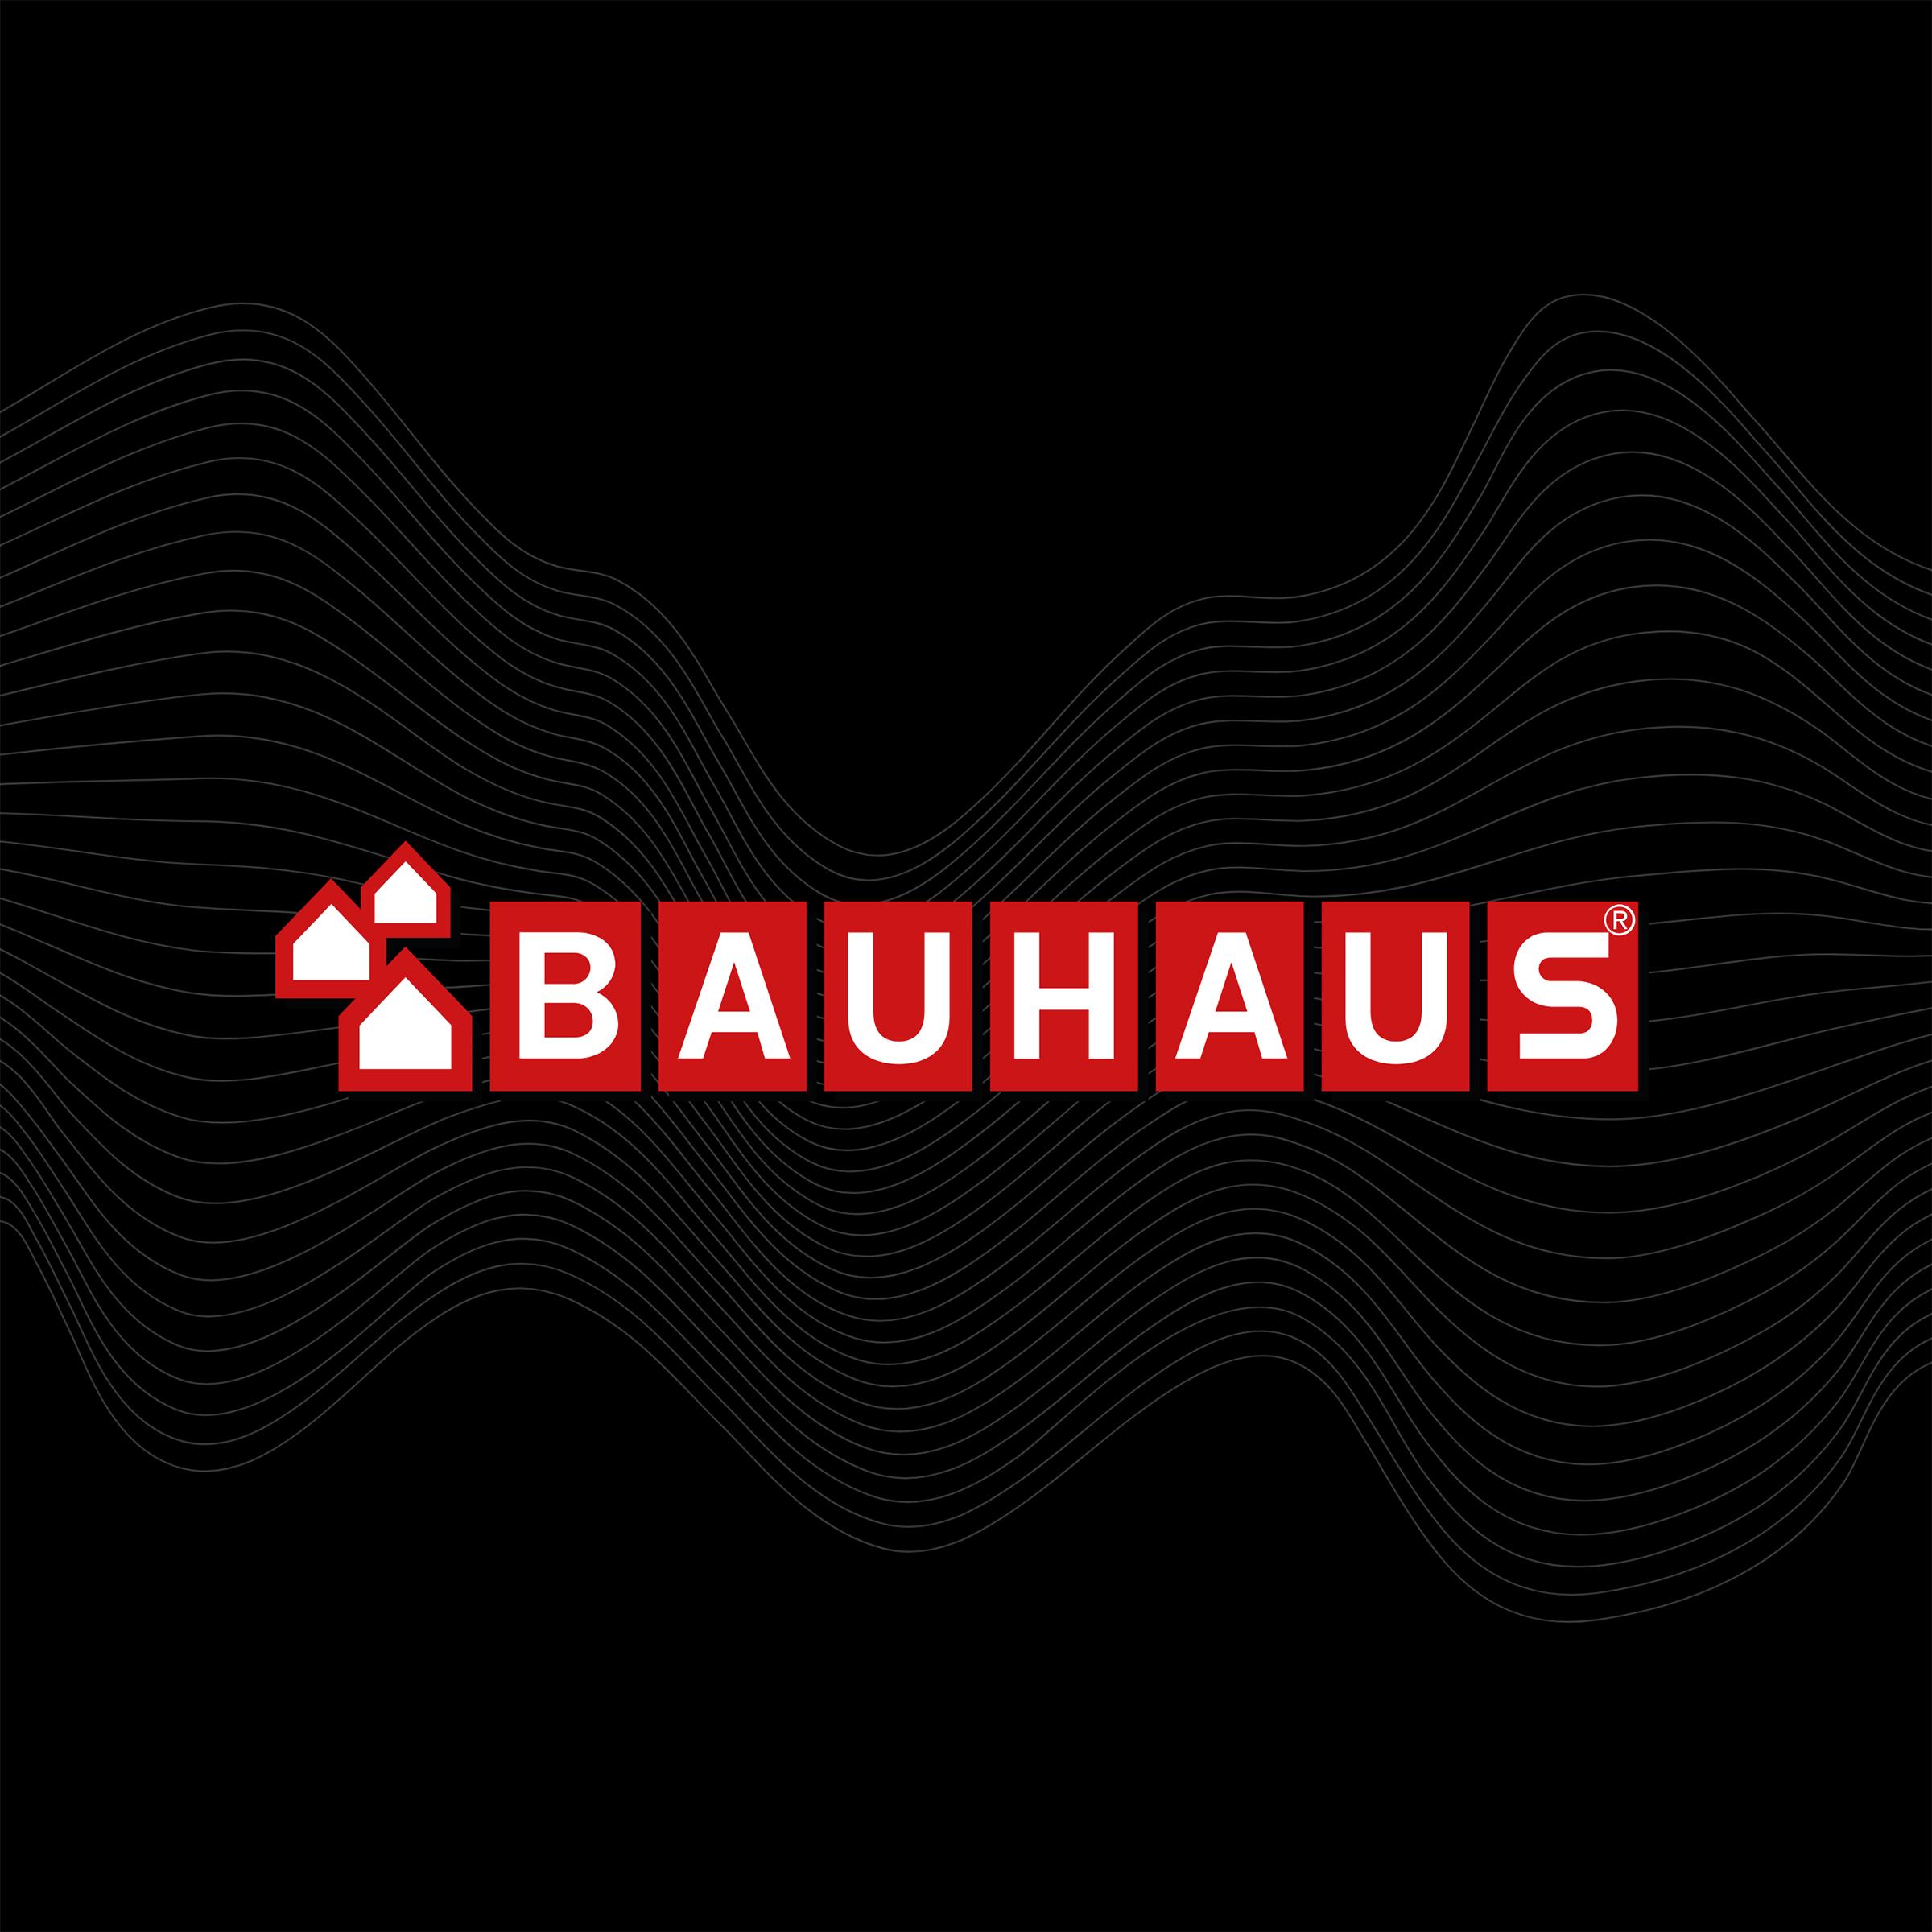 Bauhaus – logo